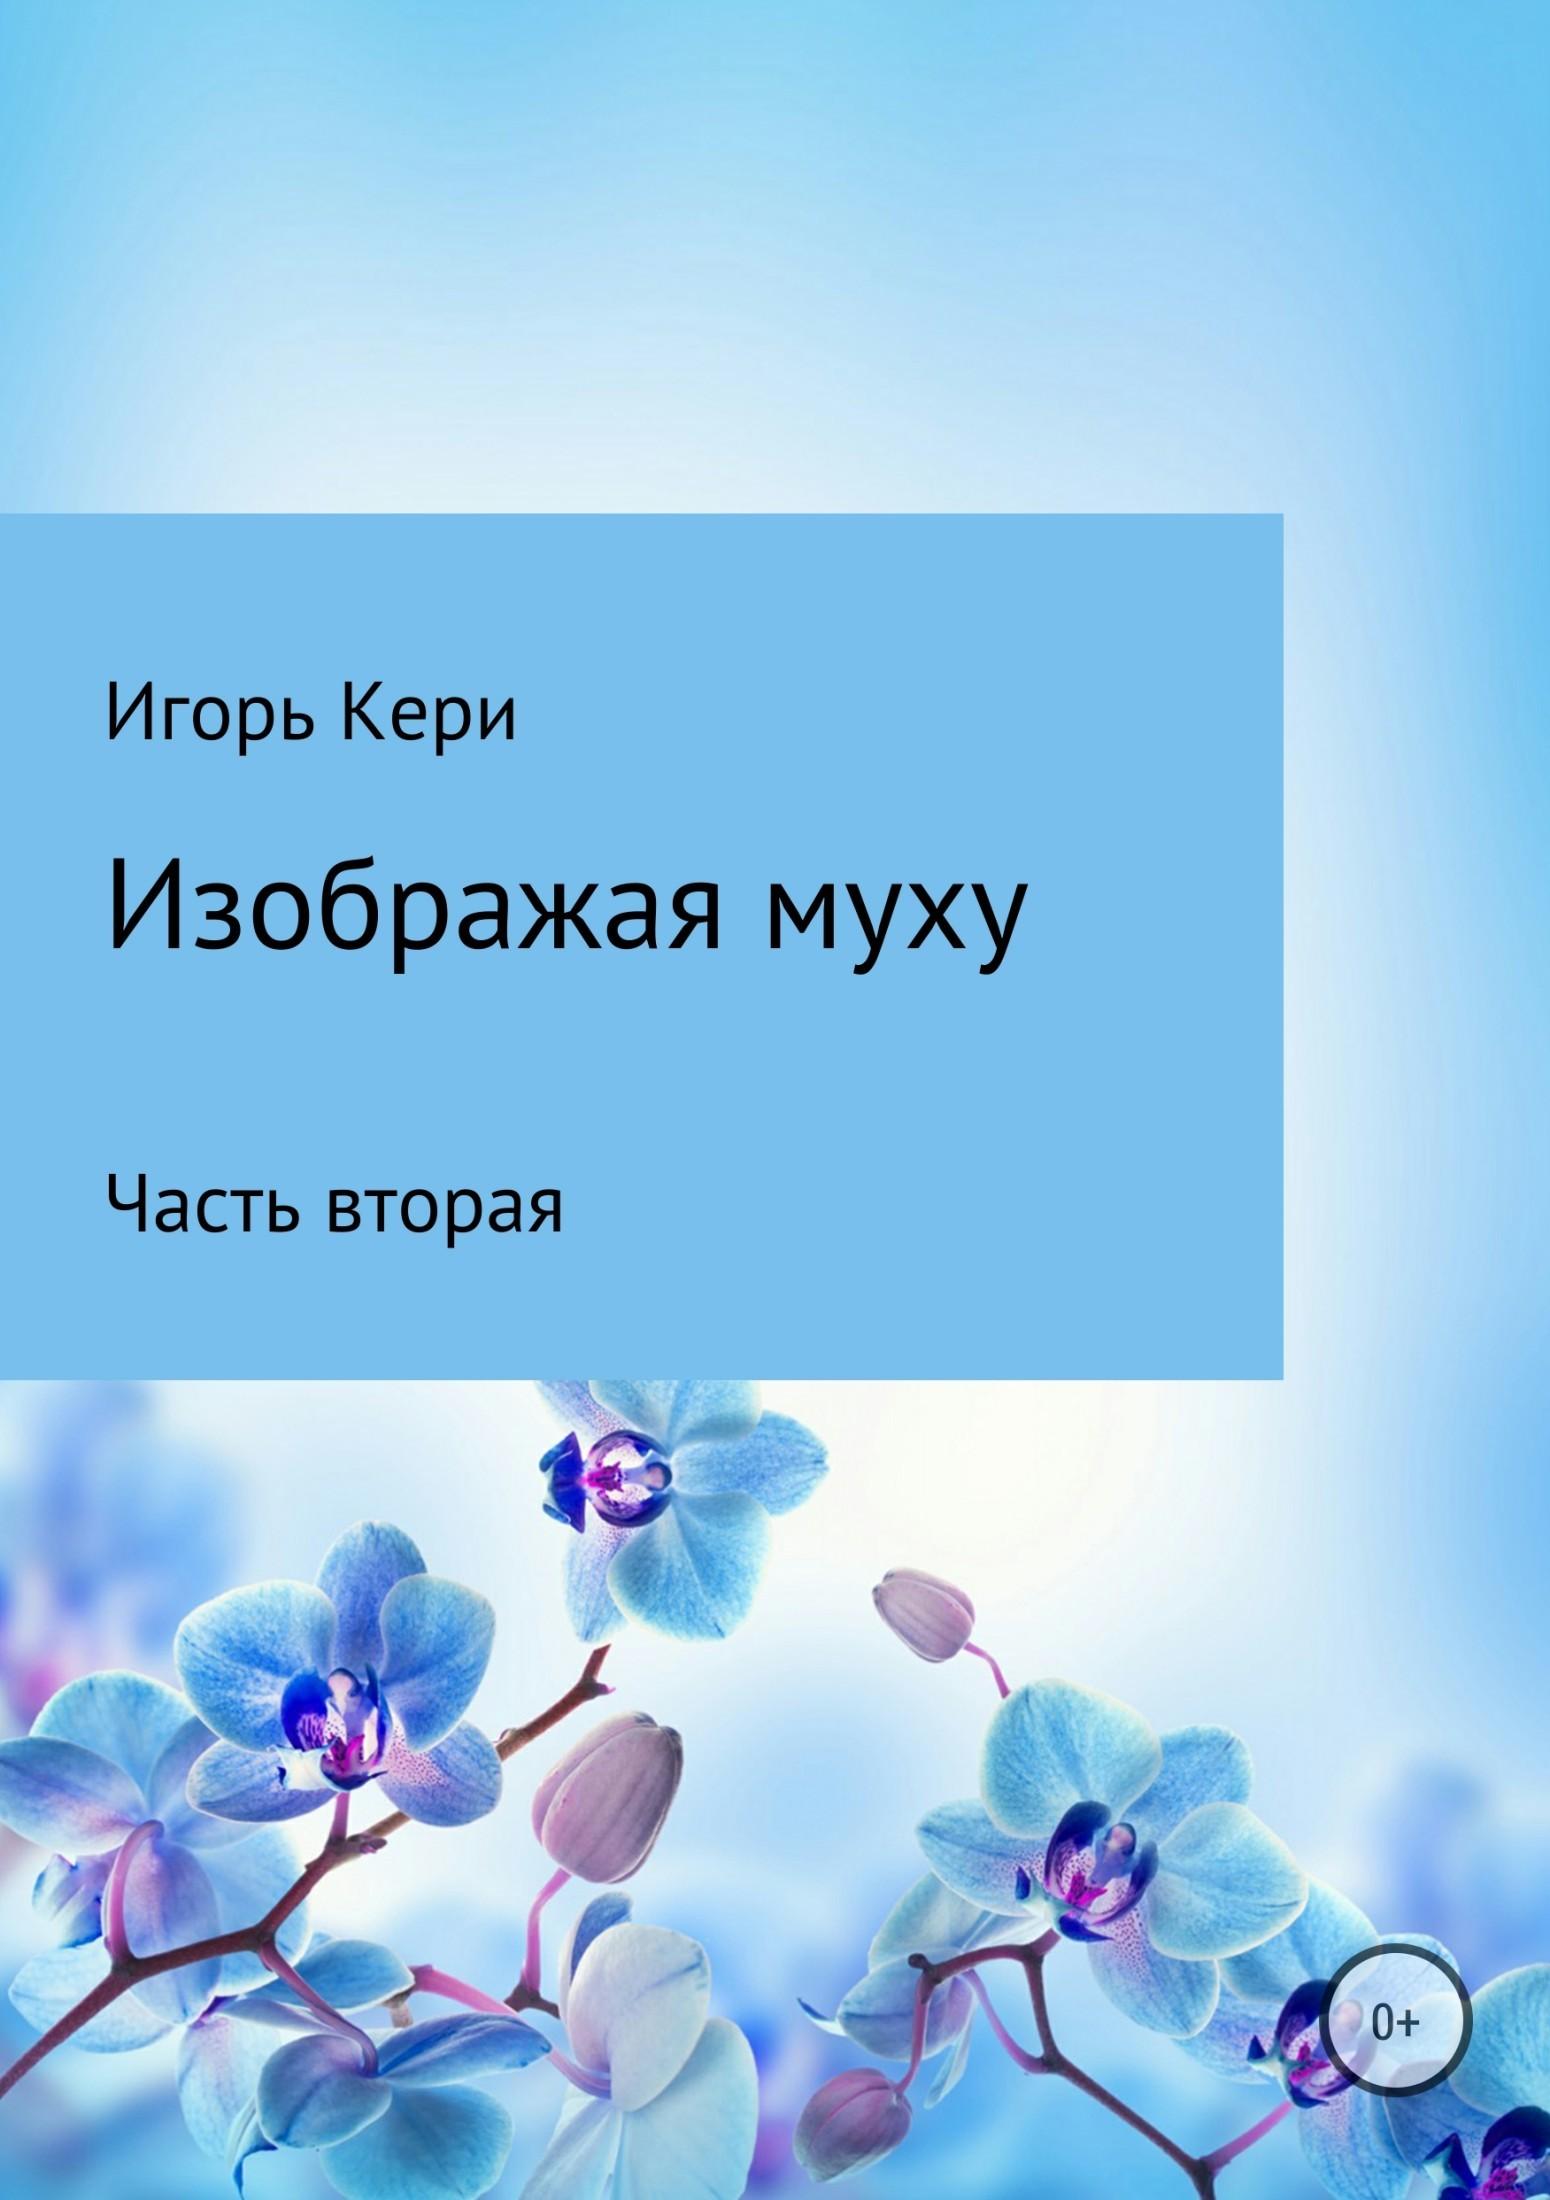 Игорь Васильевич Кери. Изображая муху. Часть вторая